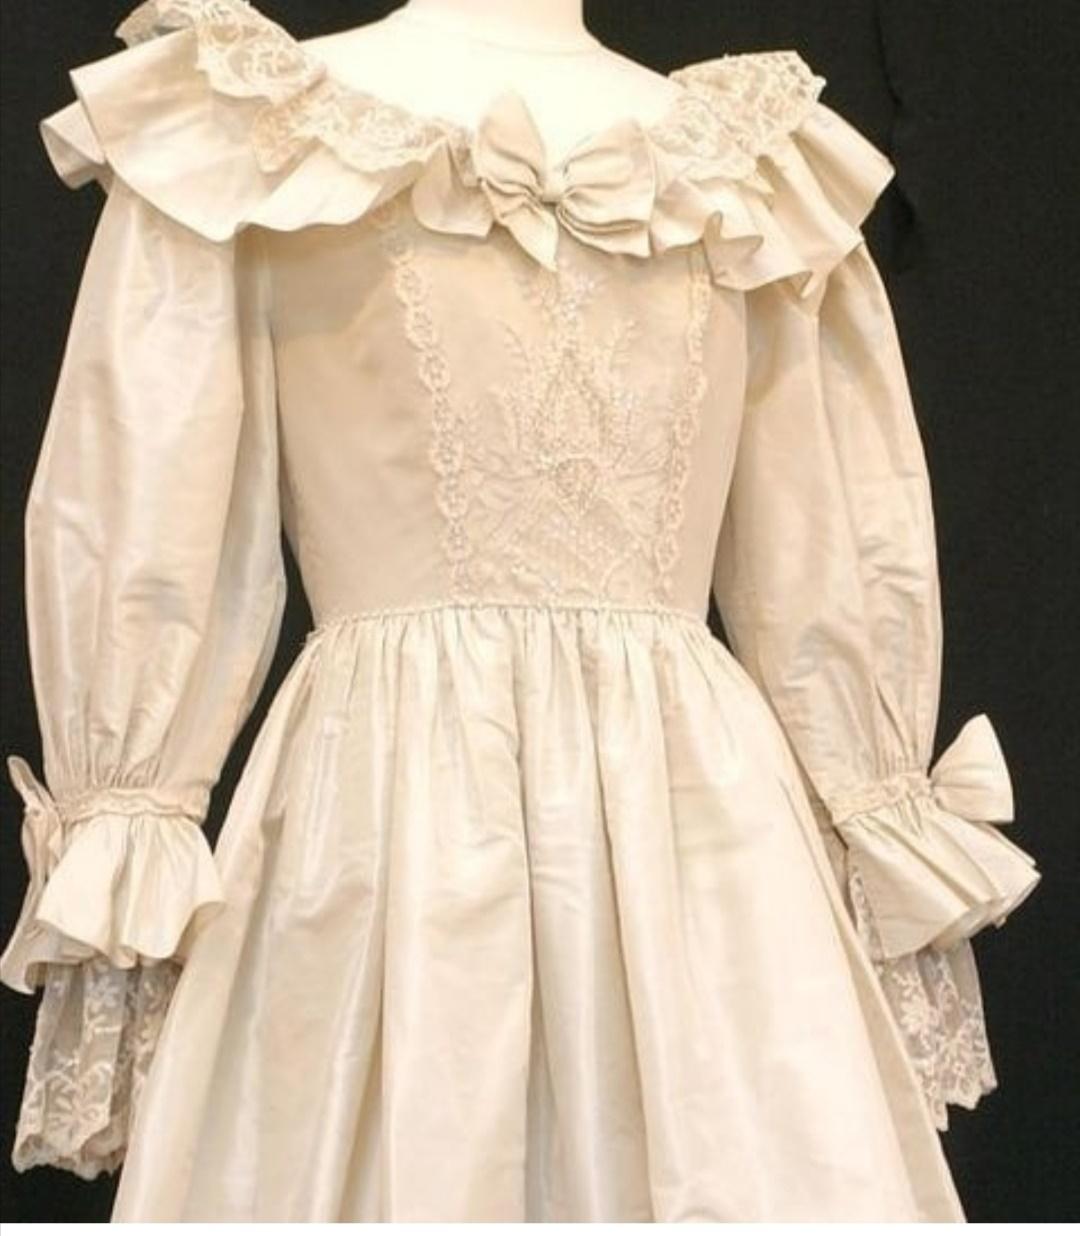 يتميز الفستان بصدرية مثبتة  في الوسط من الأمام والخلف- الصورة من إنستغرام